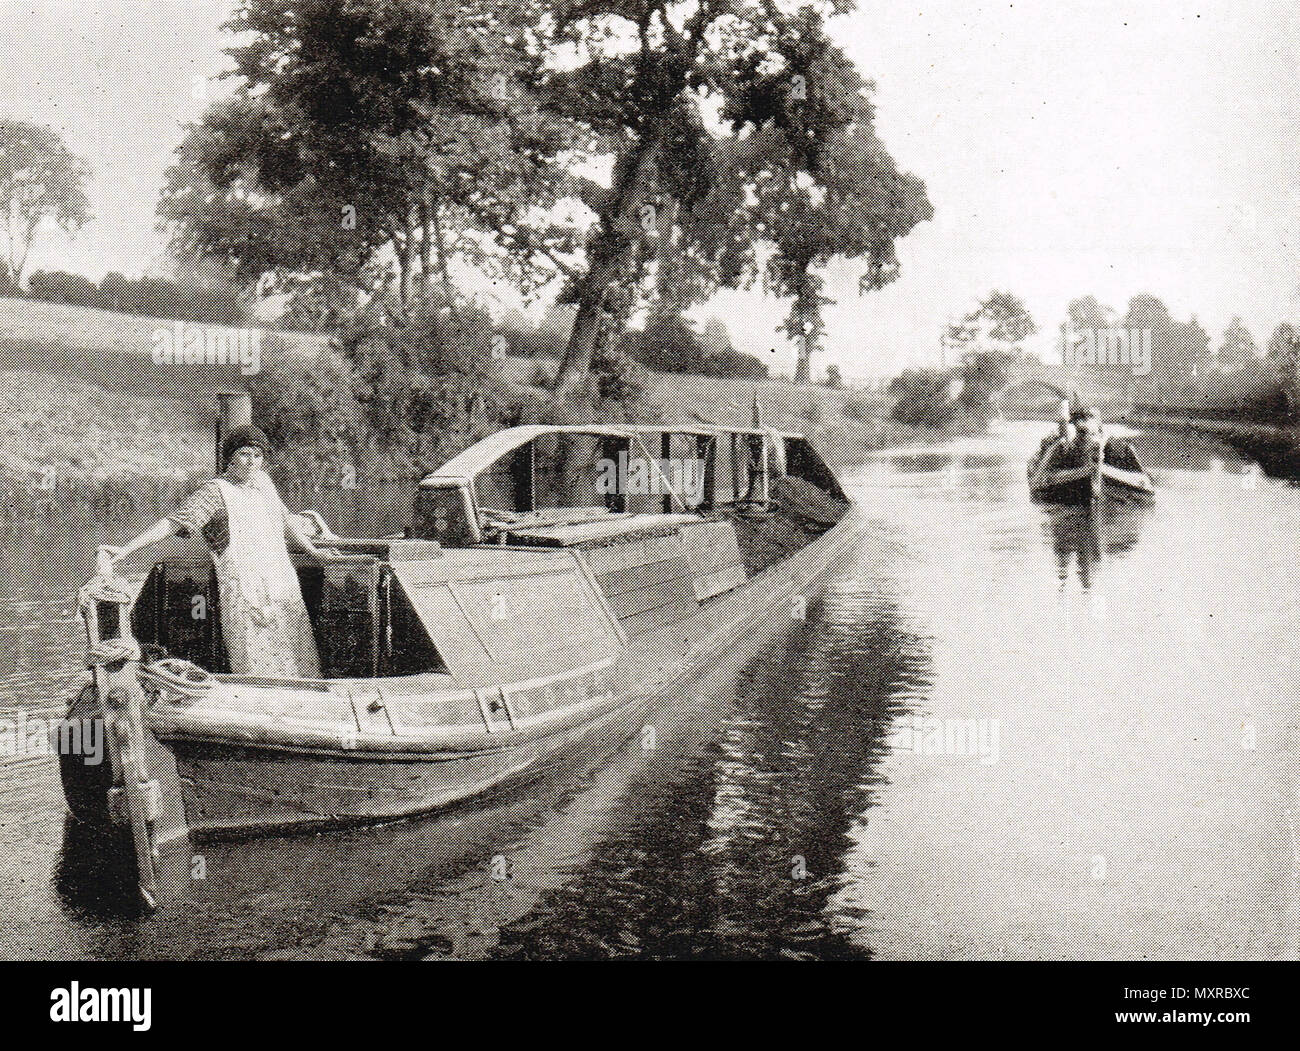 Las barcazas de carbón en un canal, el siglo xx Imagen De Stock